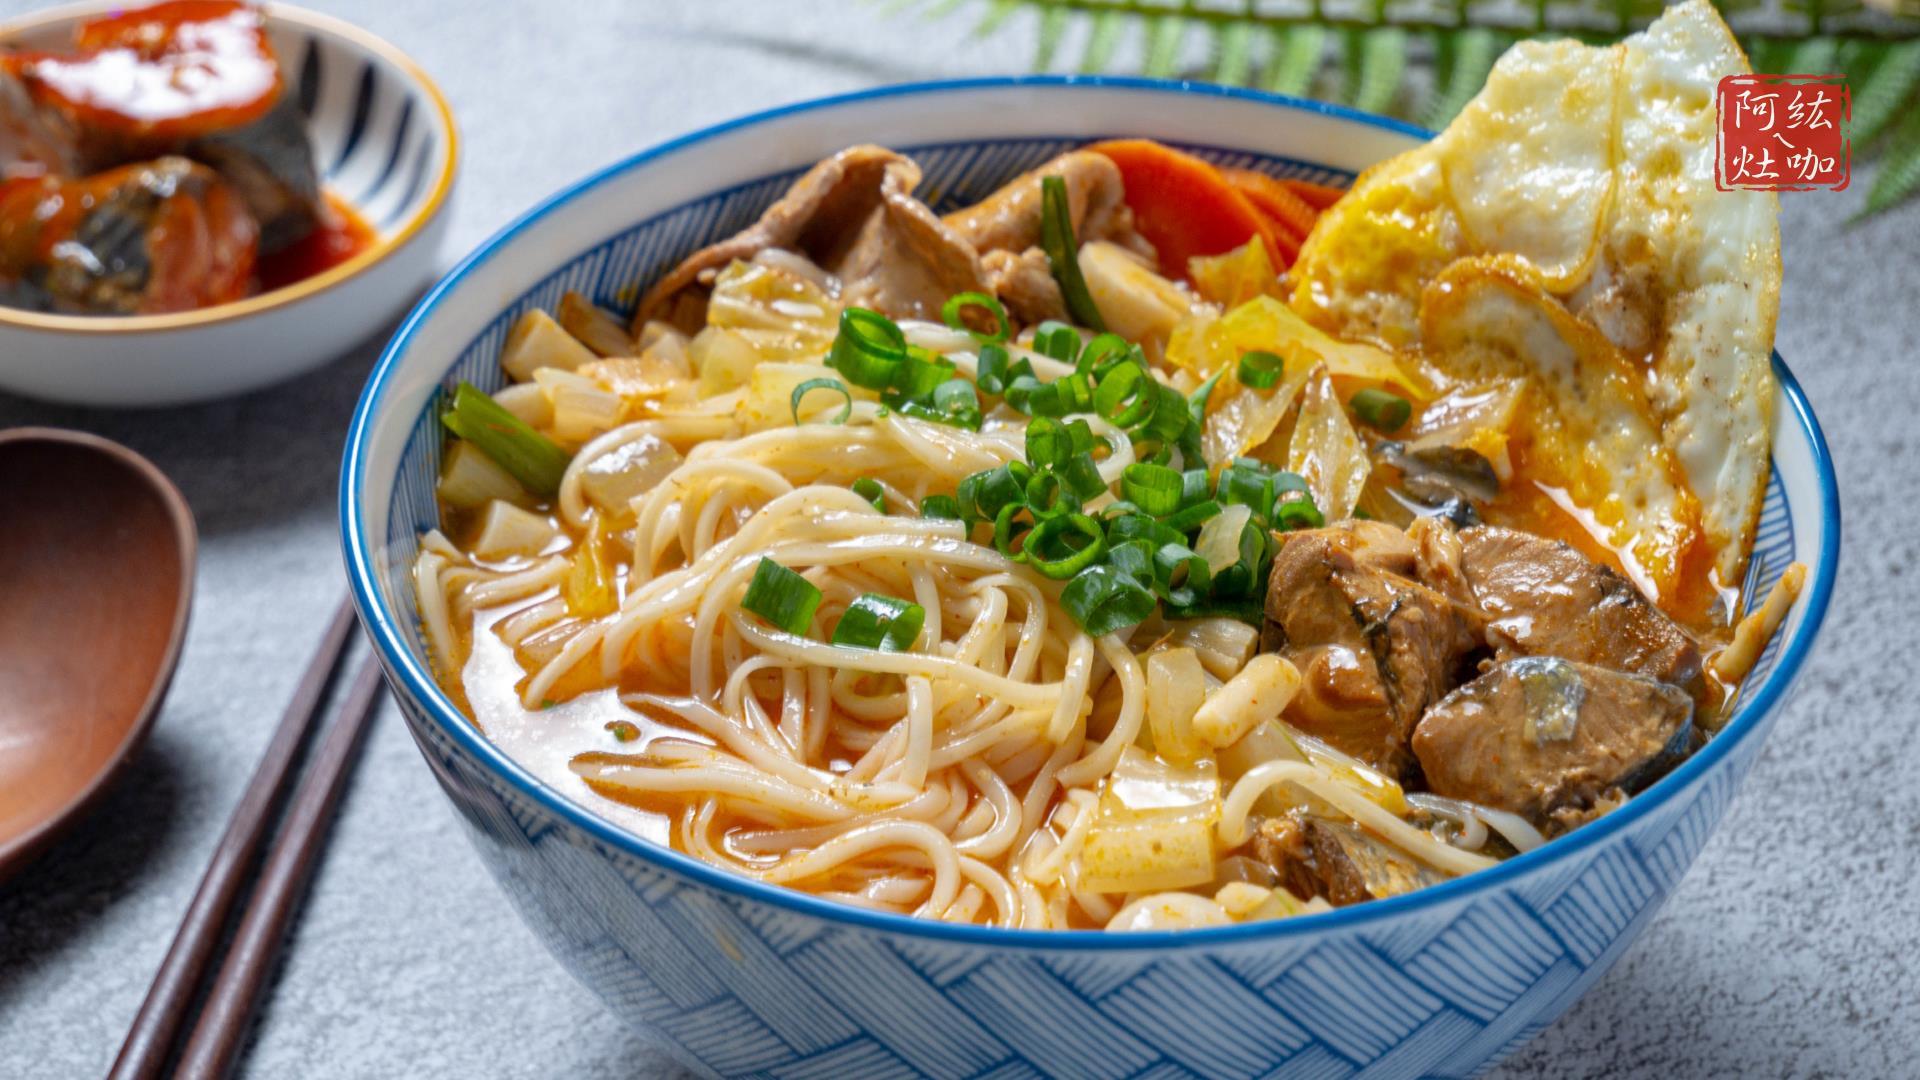 #131 茄汁鯖魚麵 / 颱風麵